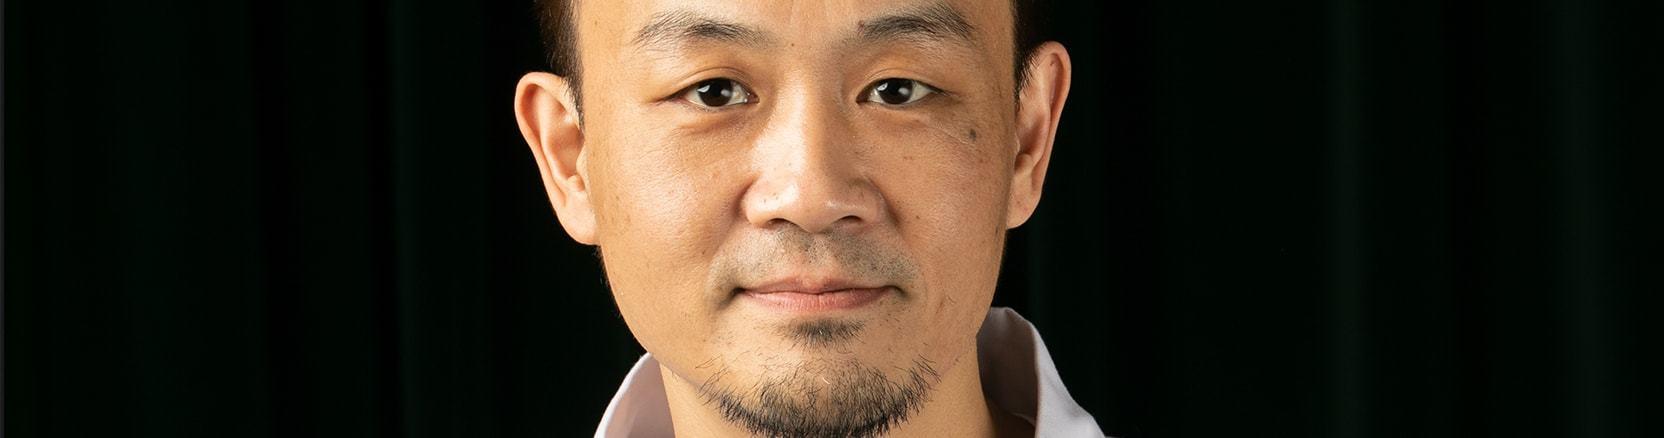 Ippei portrait bandeau